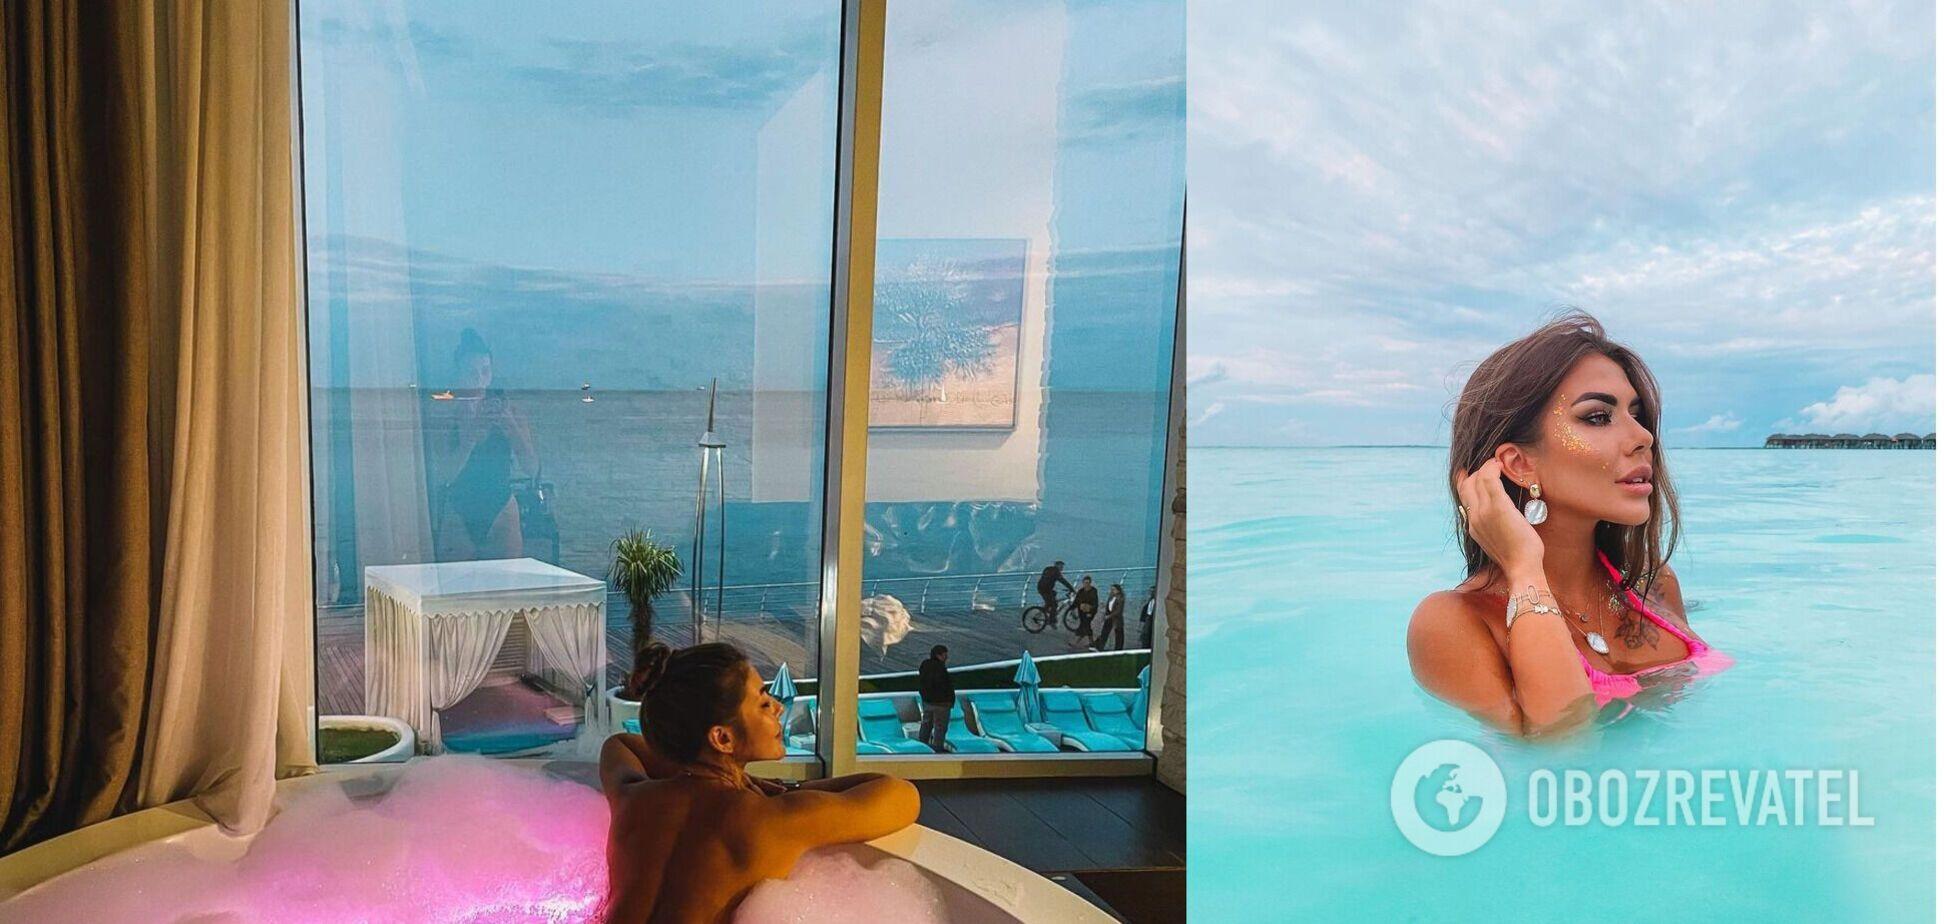 Софія Стужук улаштувала голу фотосесію у ванній. Фото 18+